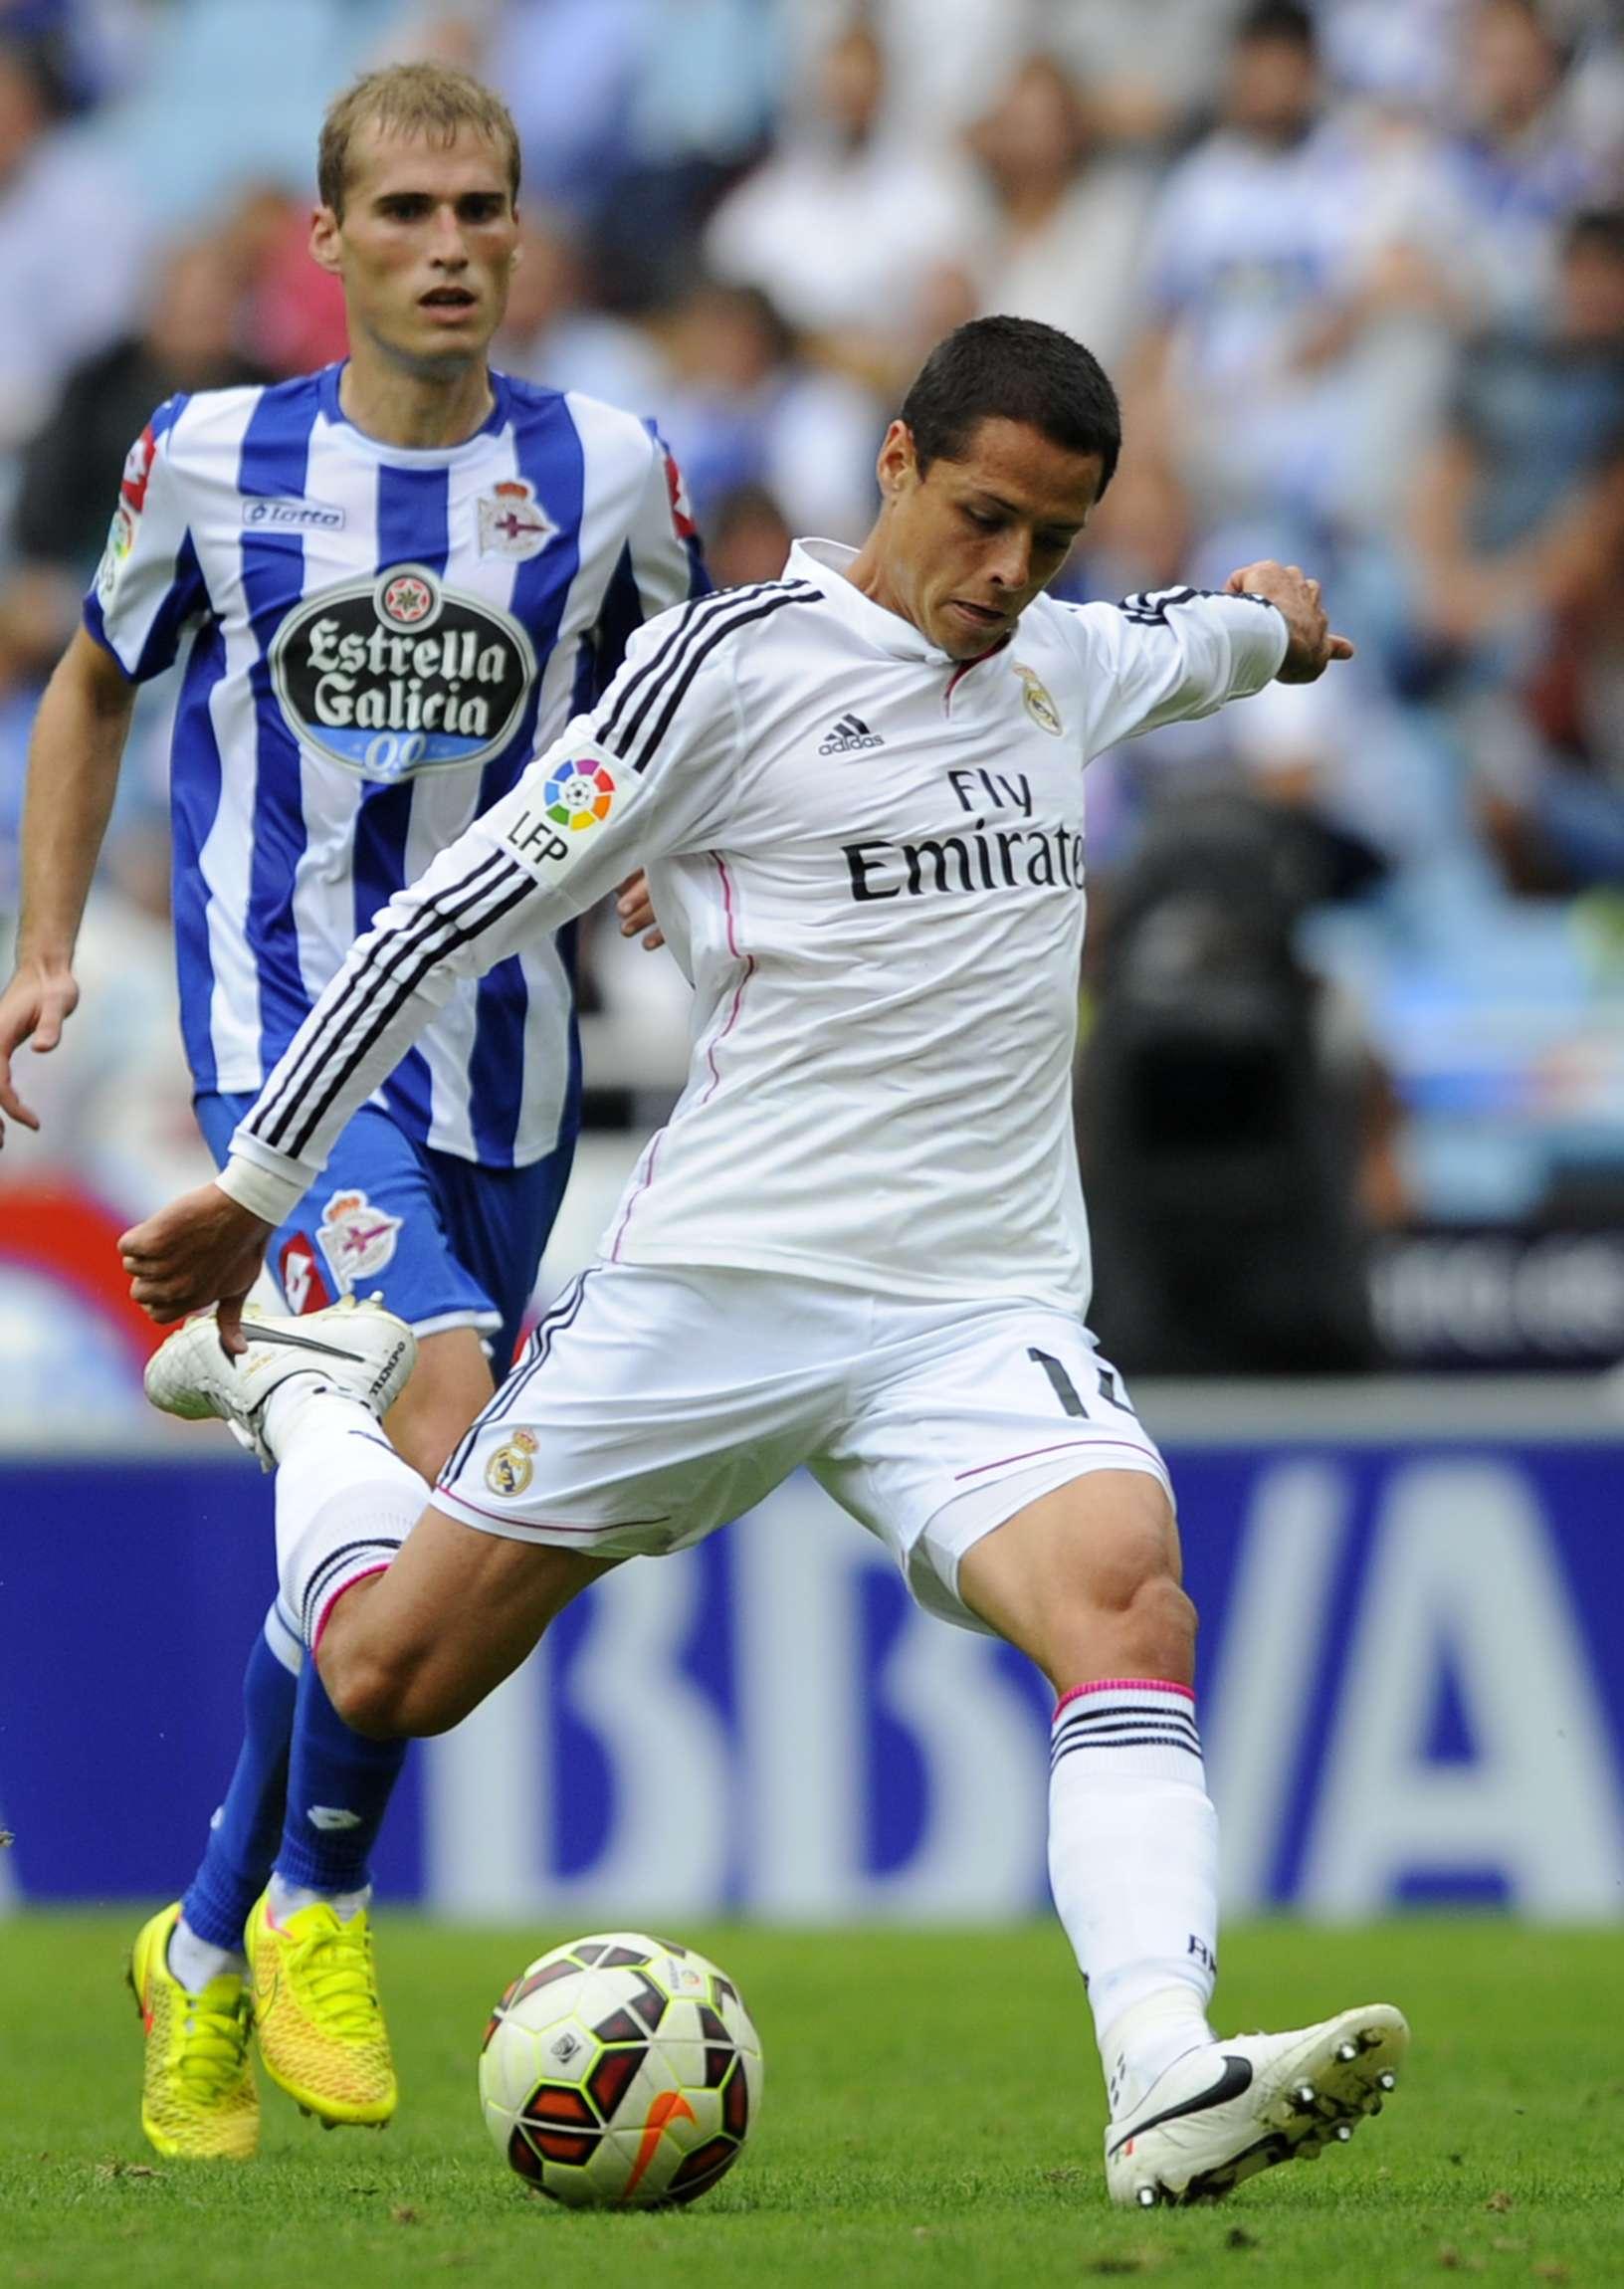 """Javier """"Chicharito"""" Hernández se lució en el triunfo del Real Madrid 8-2 sobre Deportivo La Coruña. Foto: Getty Images"""